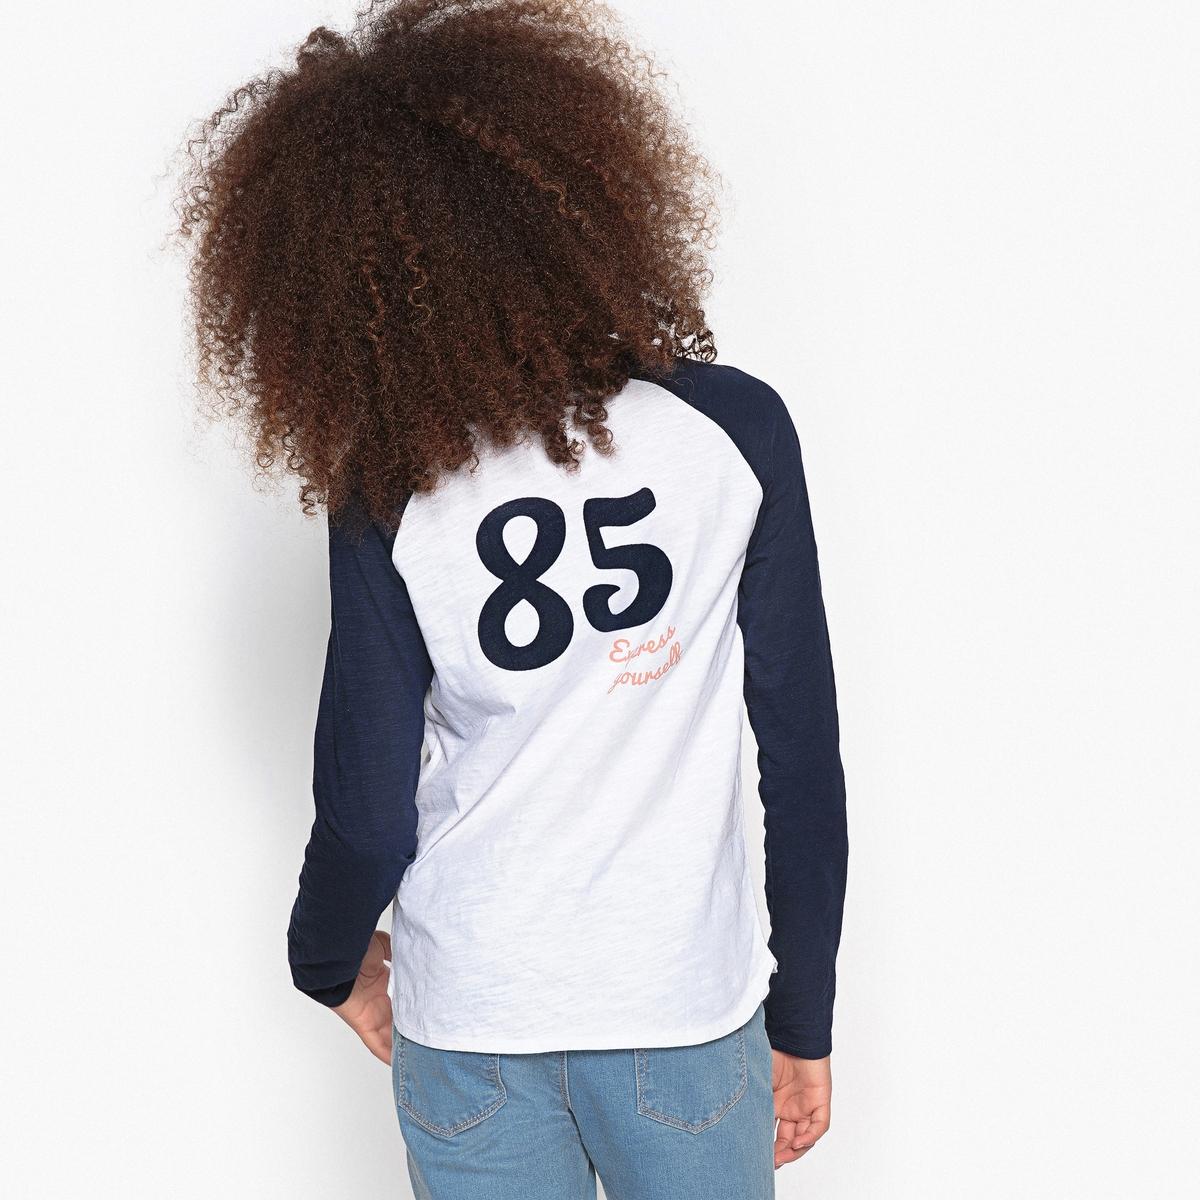 Футболка с рисунком ''85'' сзади, 10-16 лет